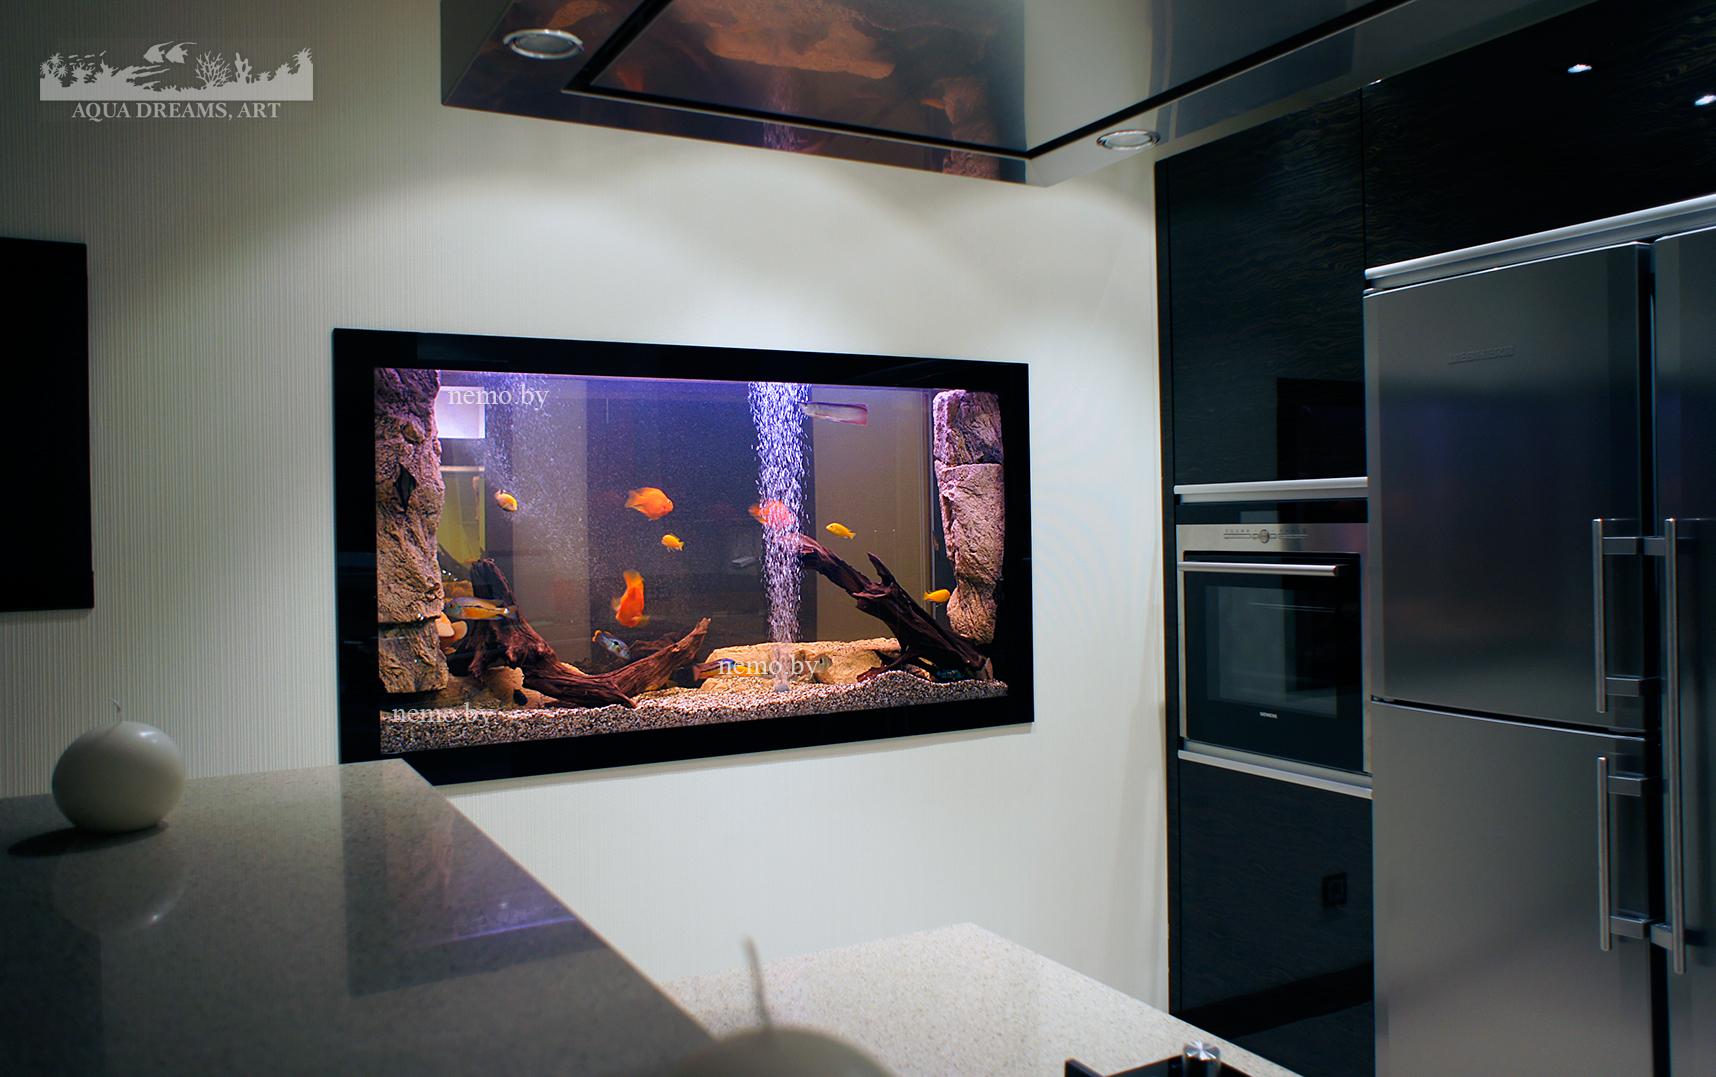 похвалите, пожалуйста, плоский аквариум на стену фото основном